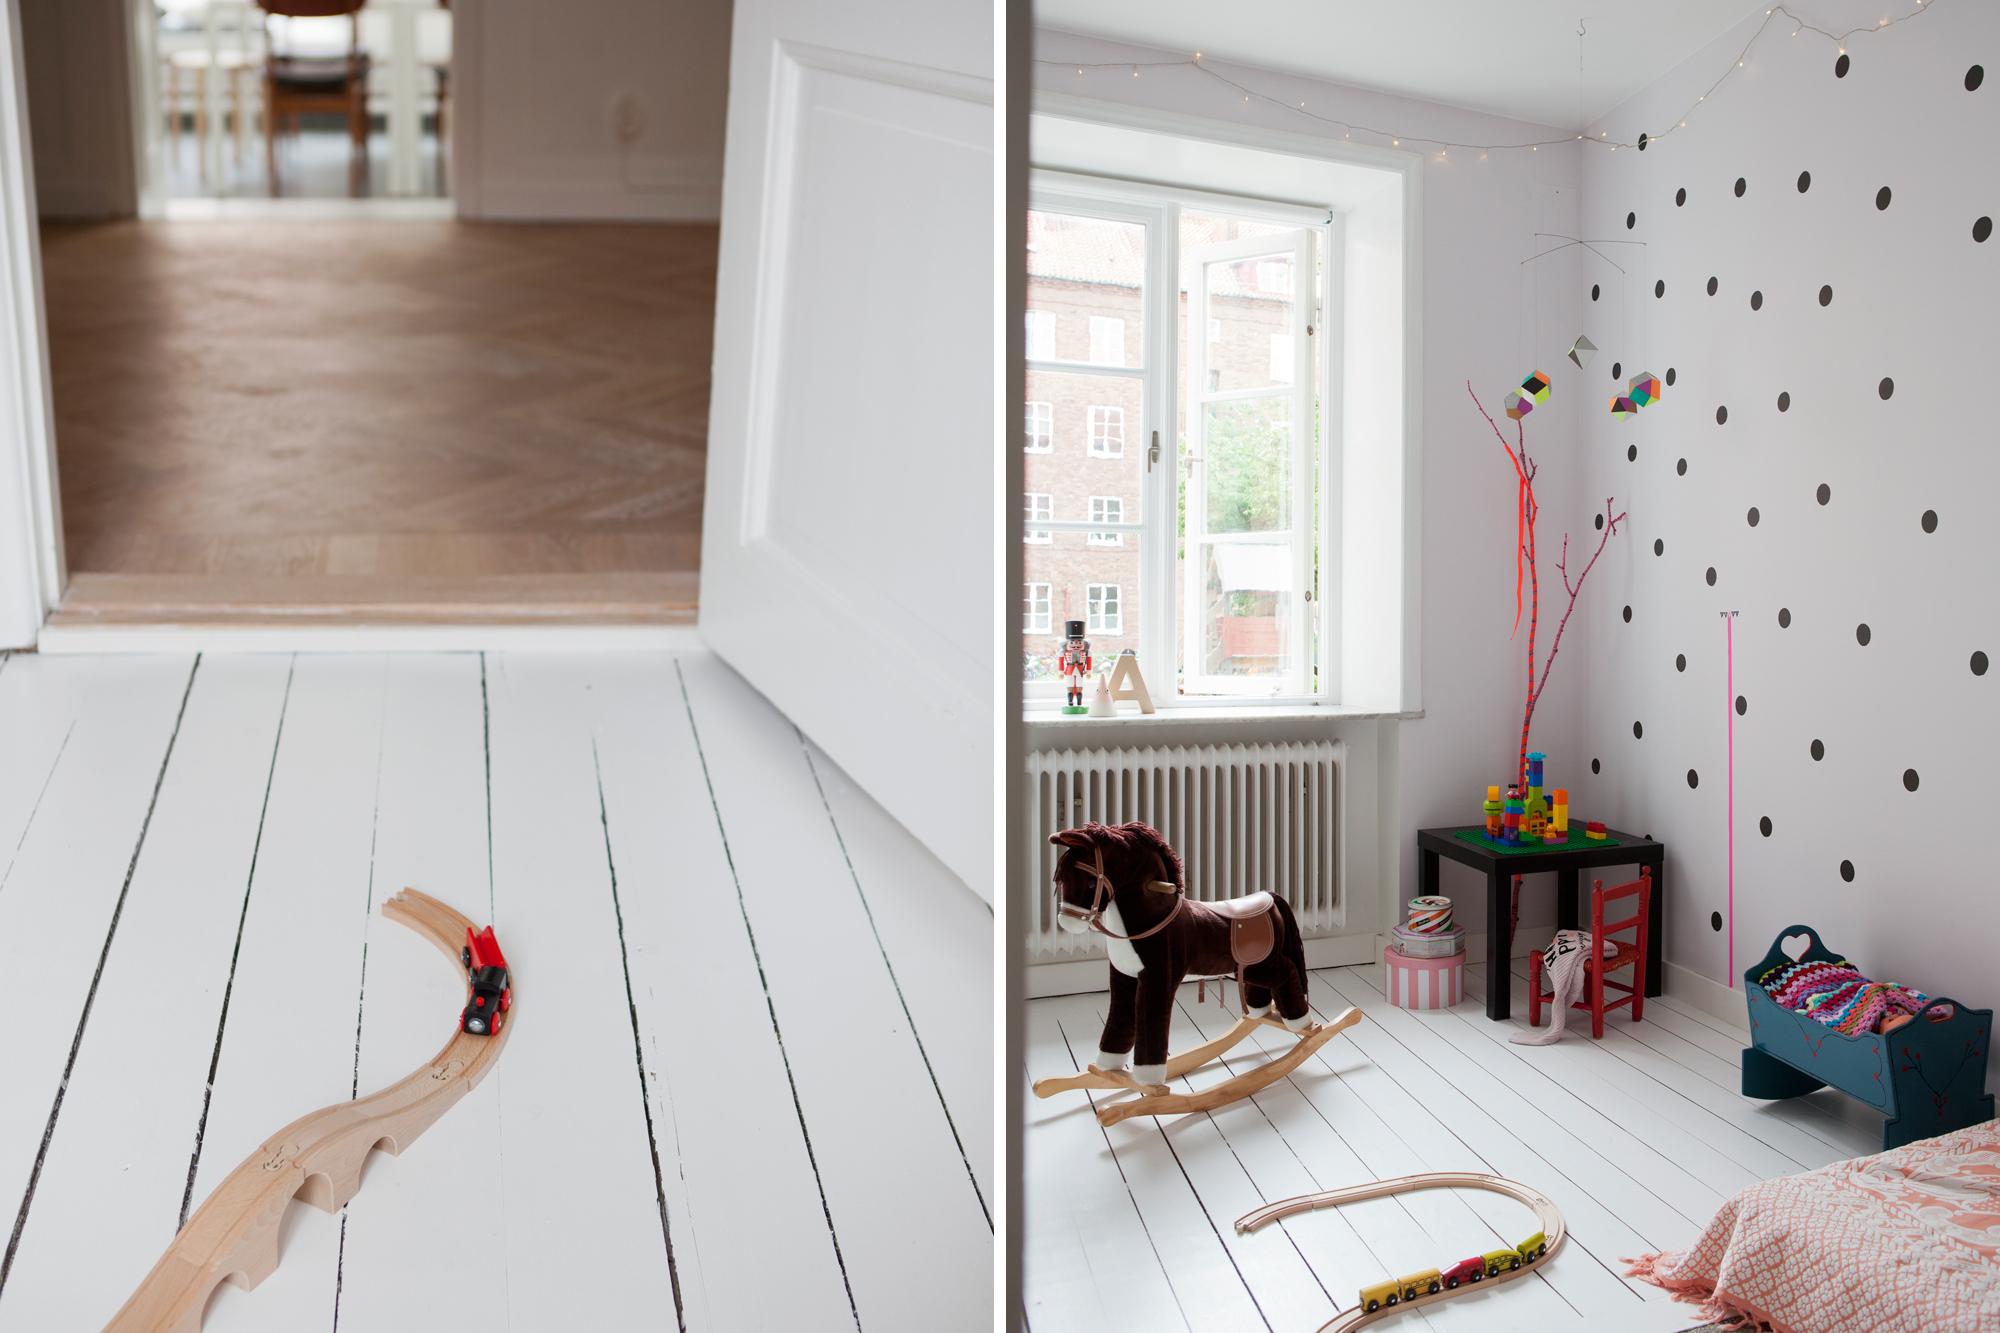 home-tour-chambre-enfant-mur-pois-noir-mademoiselle-claudine